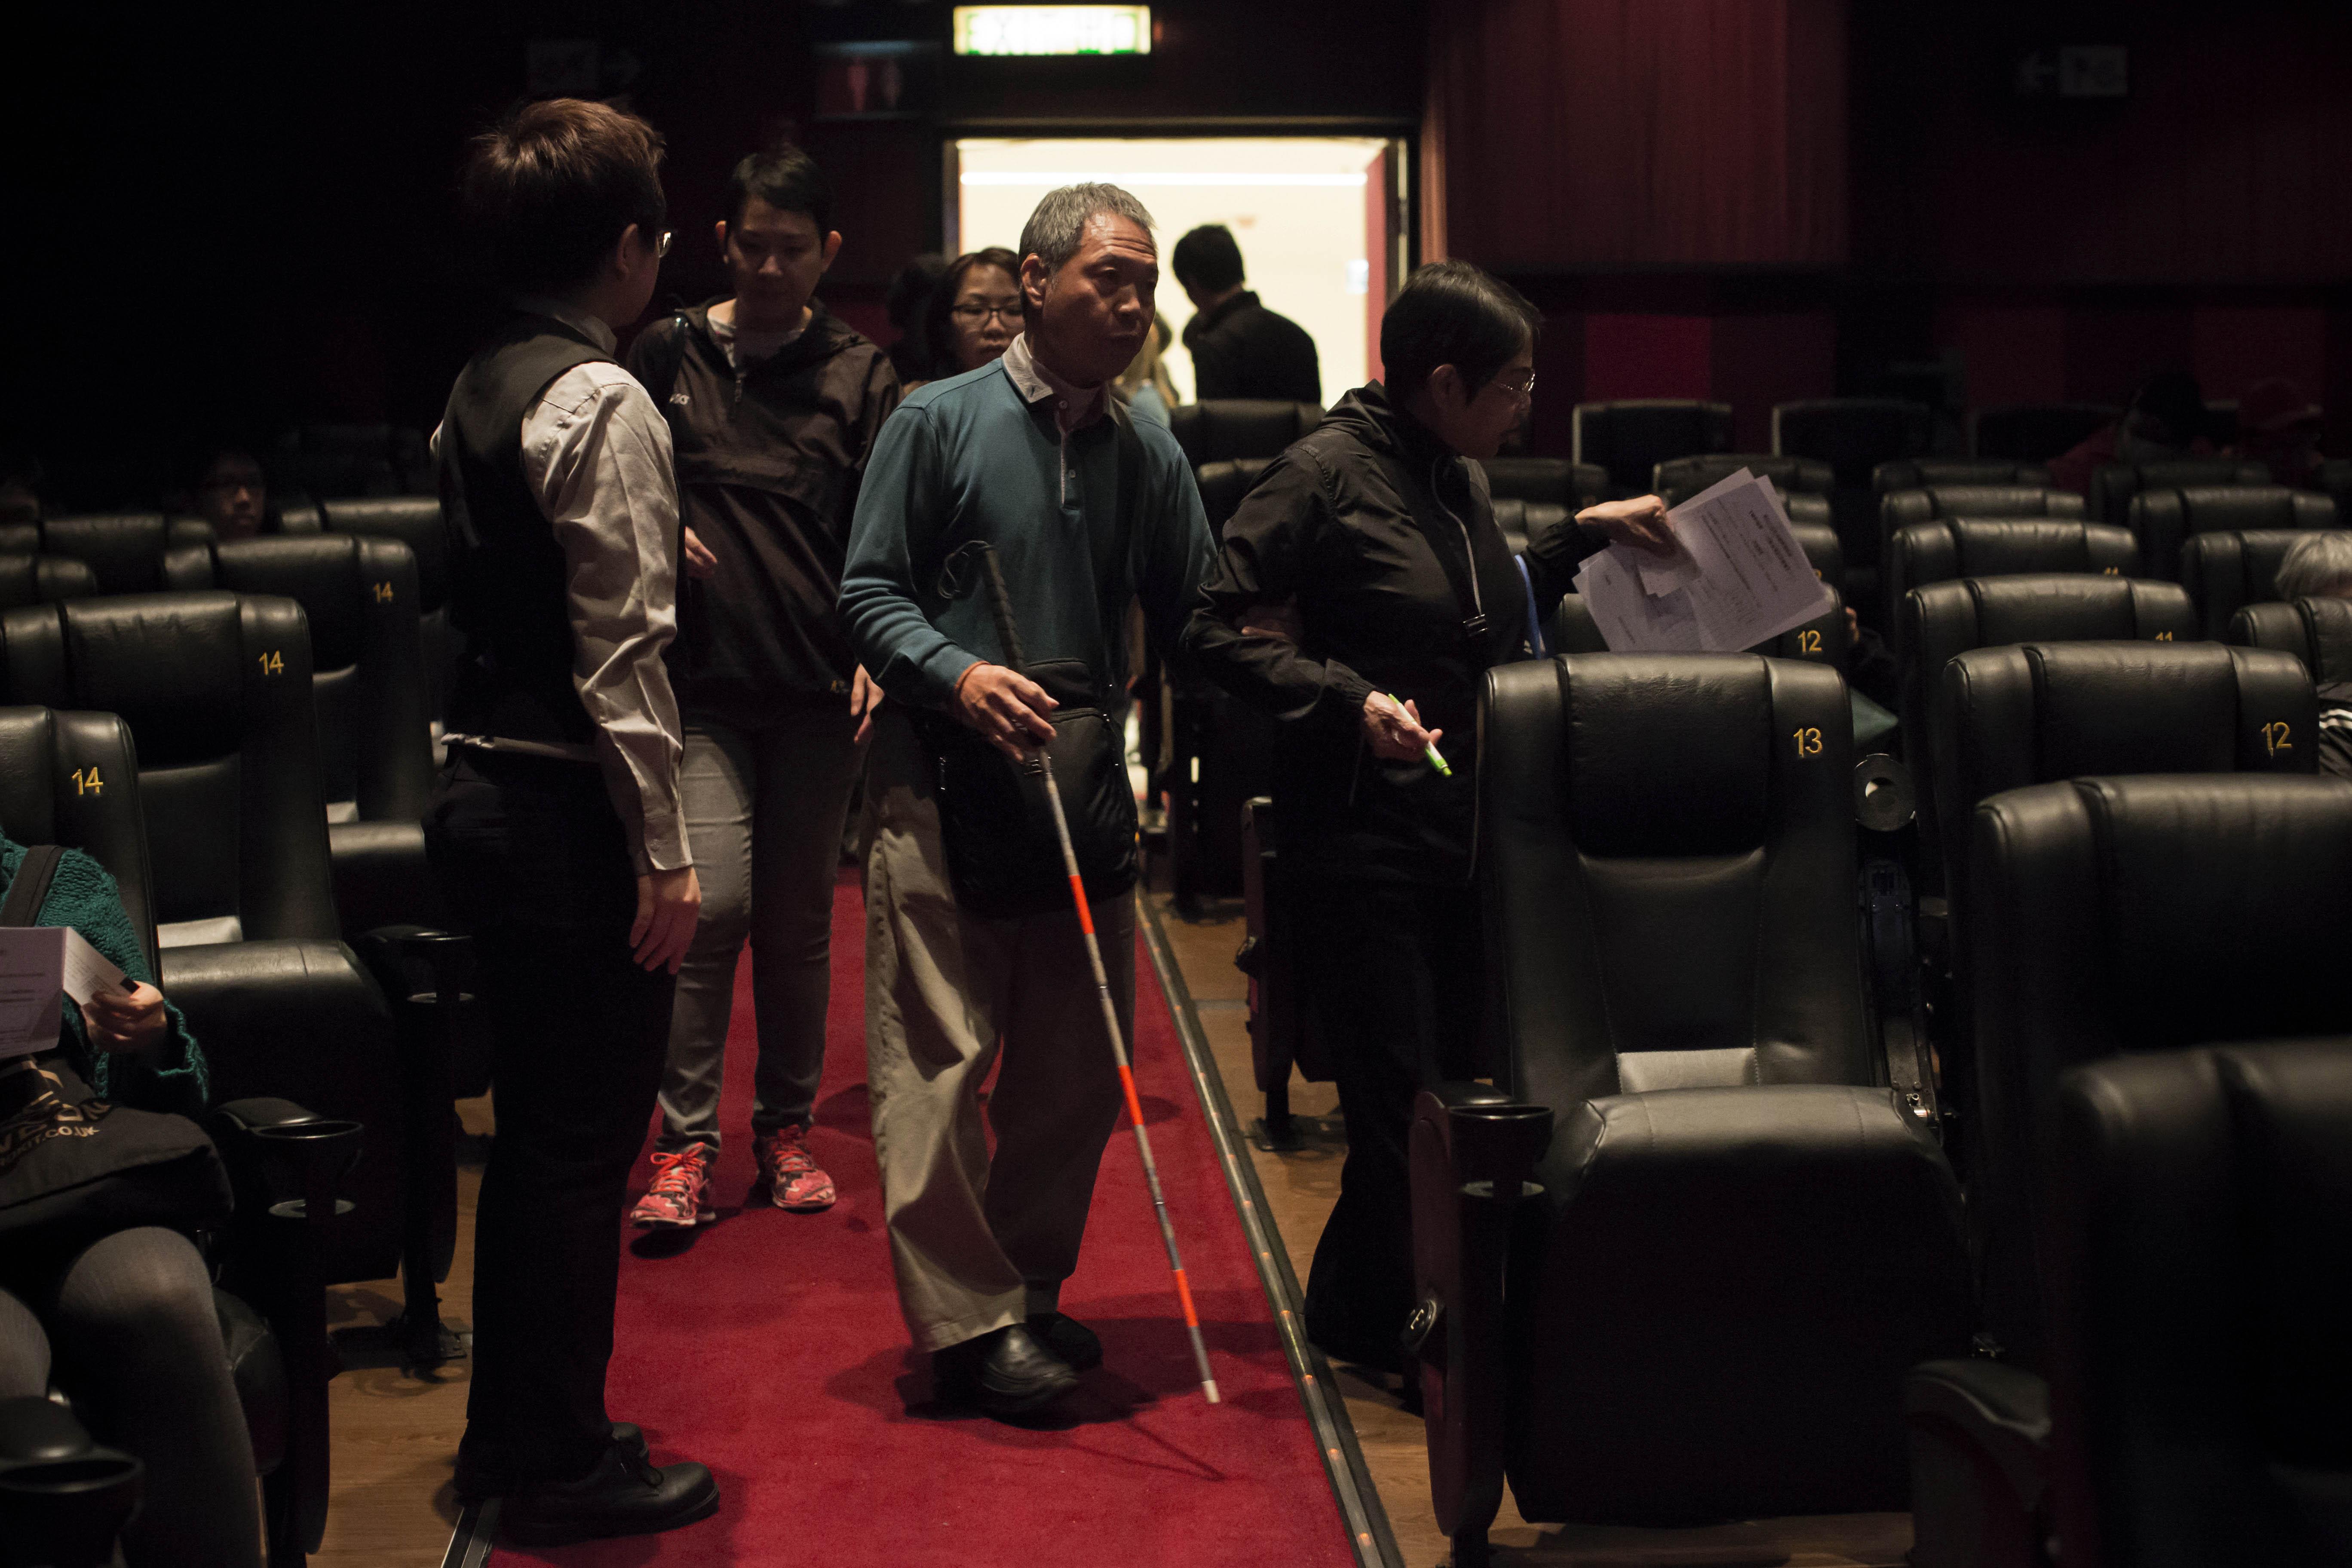 視障人士能夠在普羅大眾的電影院裏欣賞有口述影像服務的電影的機會並不多。攝:羅國輝/端傳媒